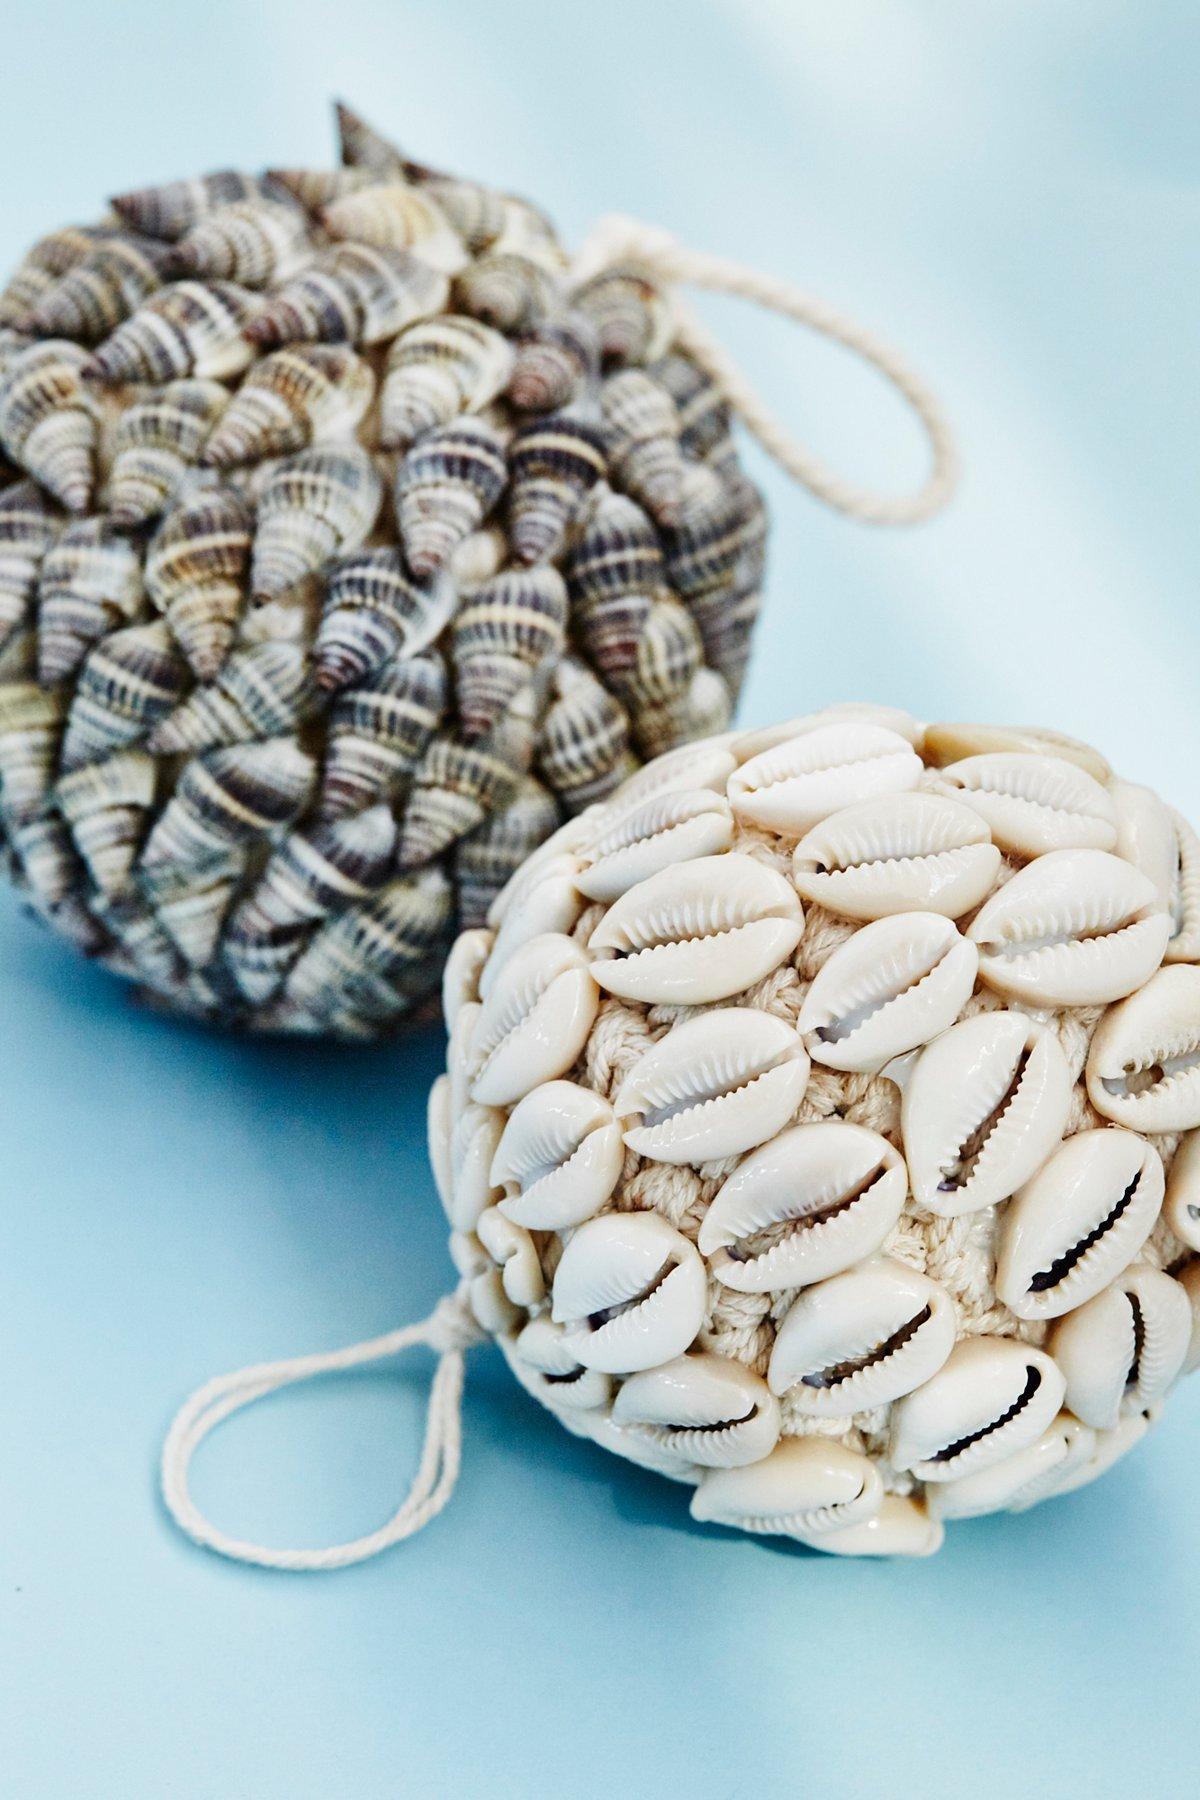 贝壳球形装饰品